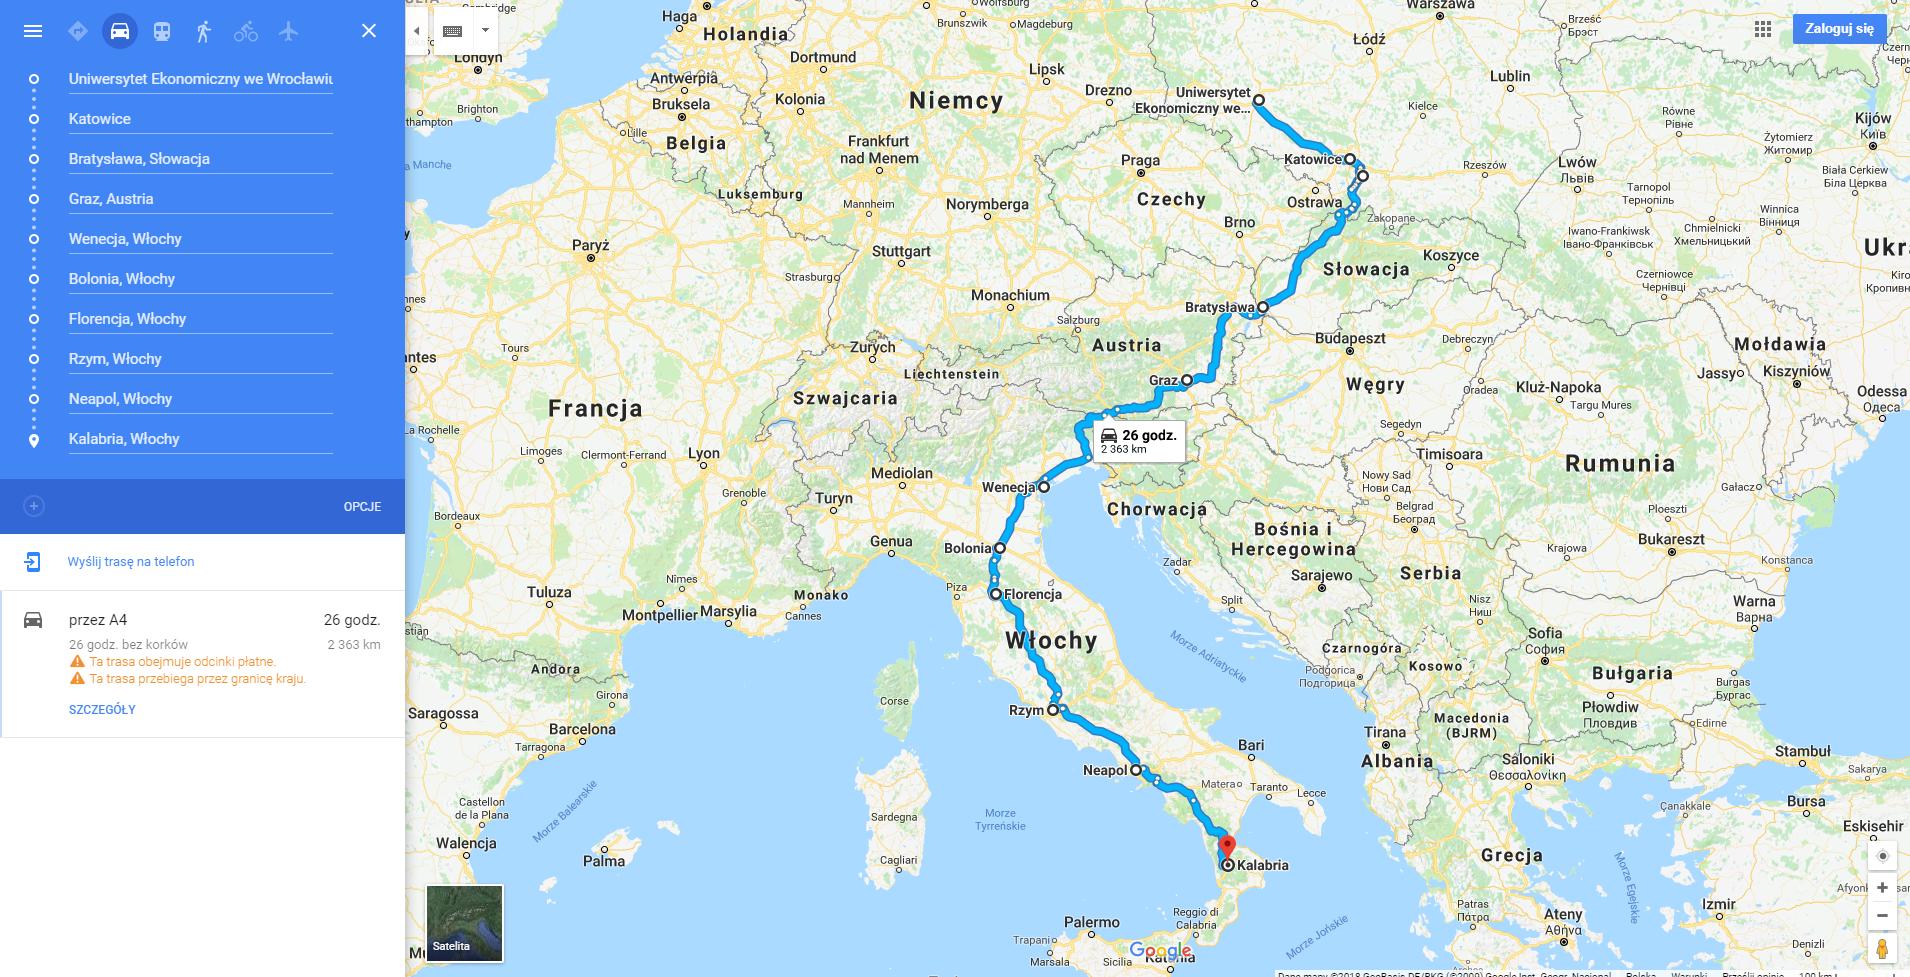 Wrocław Calabria - Jak dotrzeć na metę AutoStop Race 2018 - Kate Traveller - Blog podróżniczy